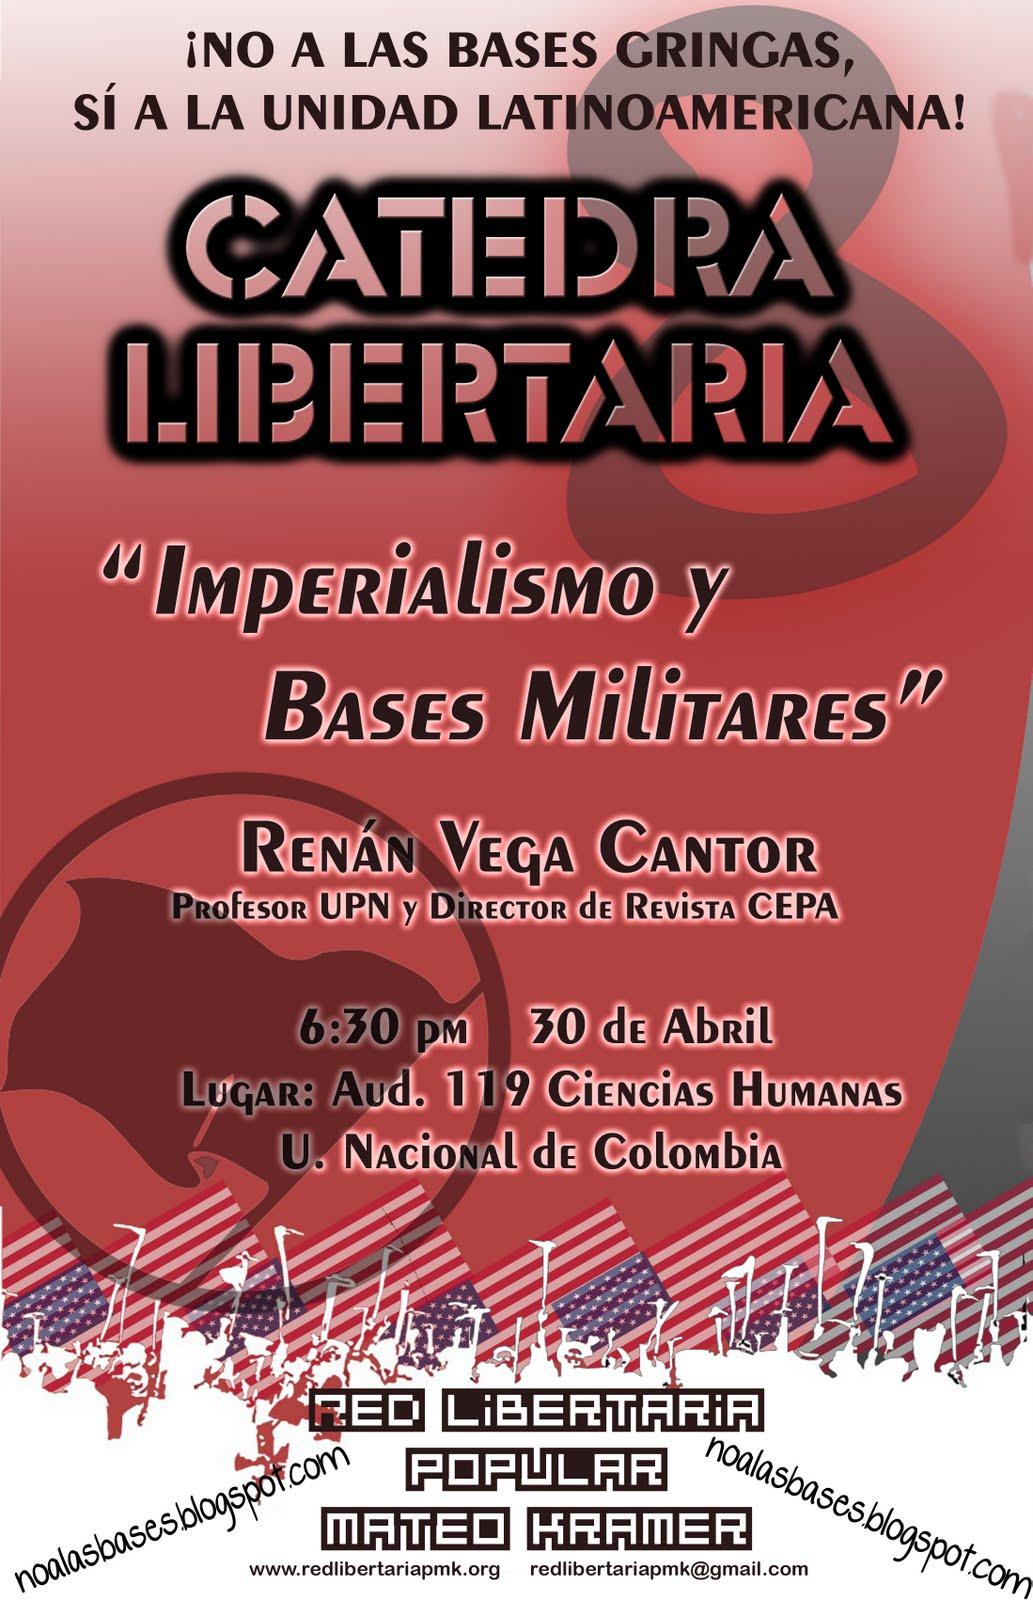 http://1.bp.blogspot.com/_8FUrjz4Aa4k/S9eLdwiYDxI/AAAAAAAAANo/6cmQ0h2_HJI/s1600/catedra+libertaria.jpg